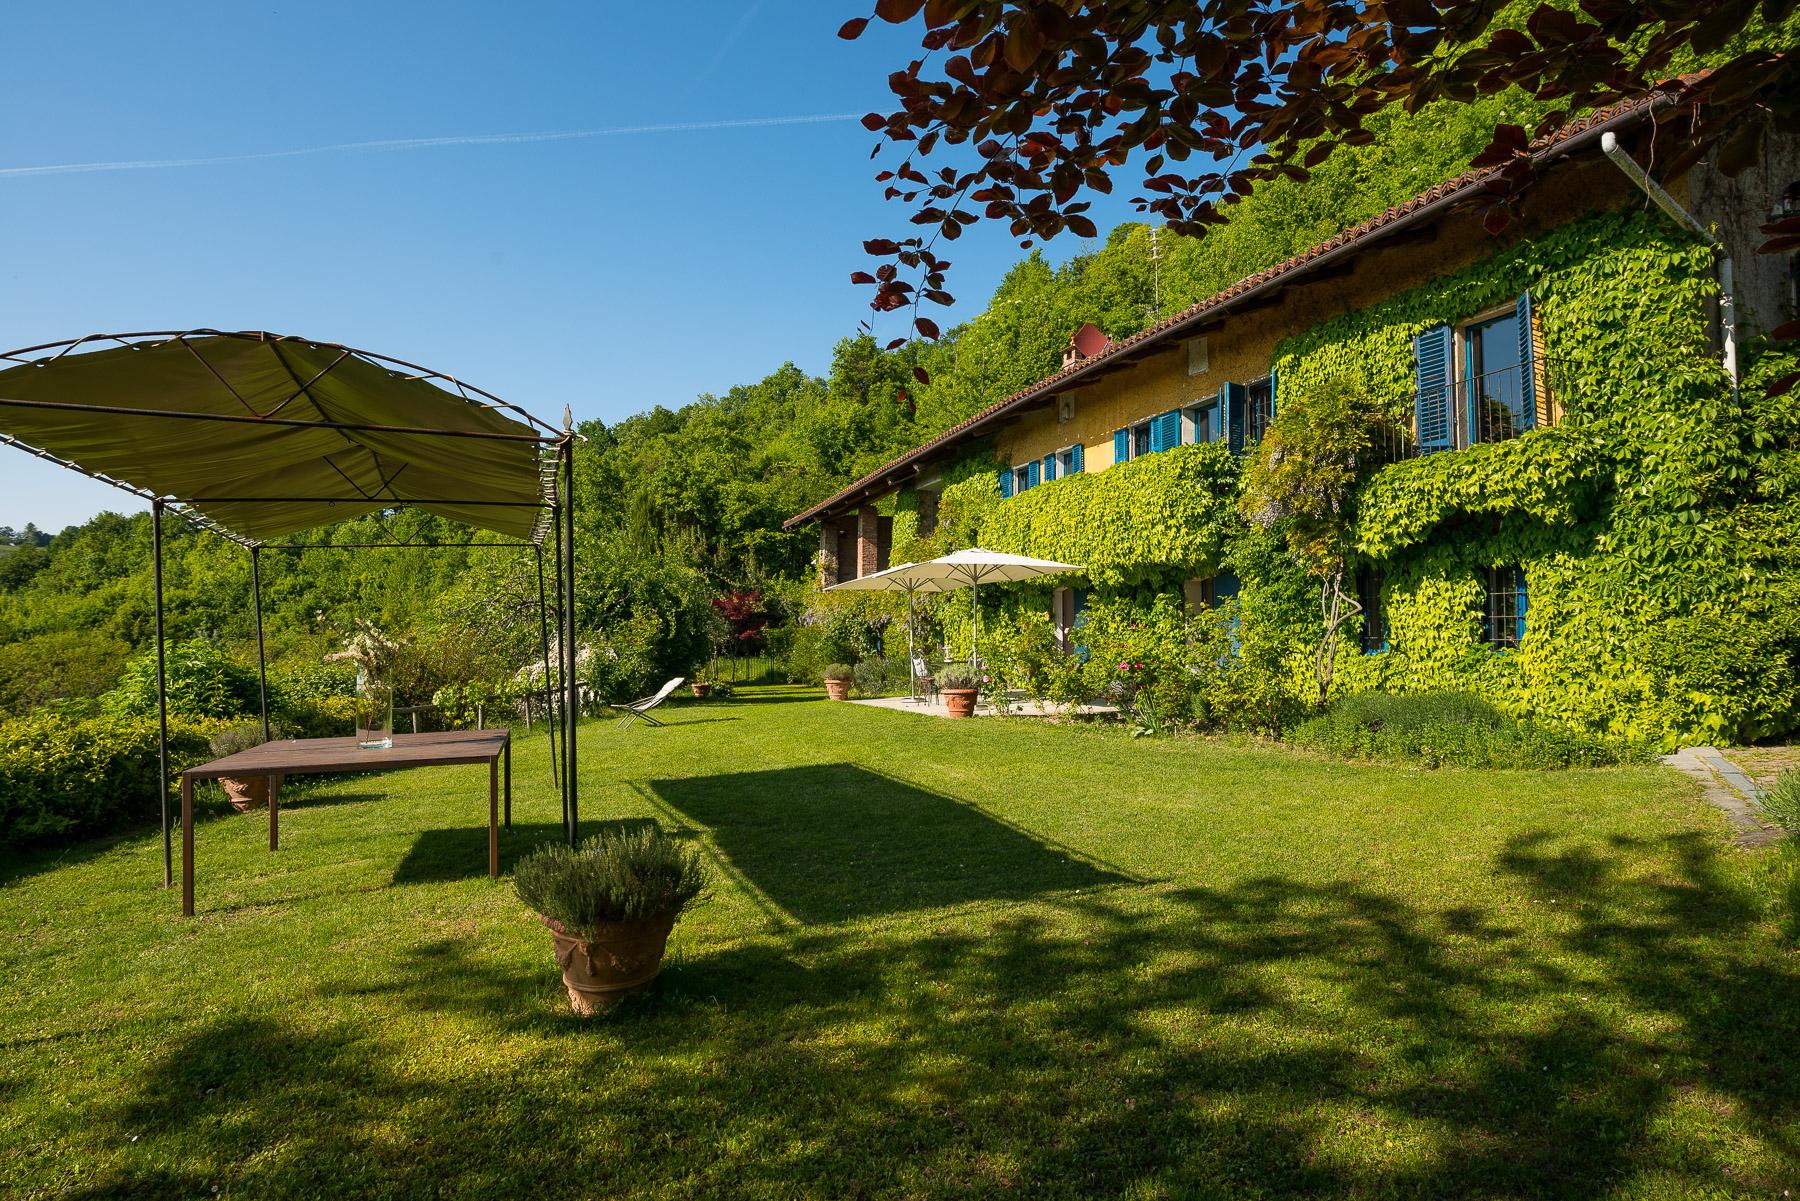 Fascinante maison de campagne dans les collines de Turin